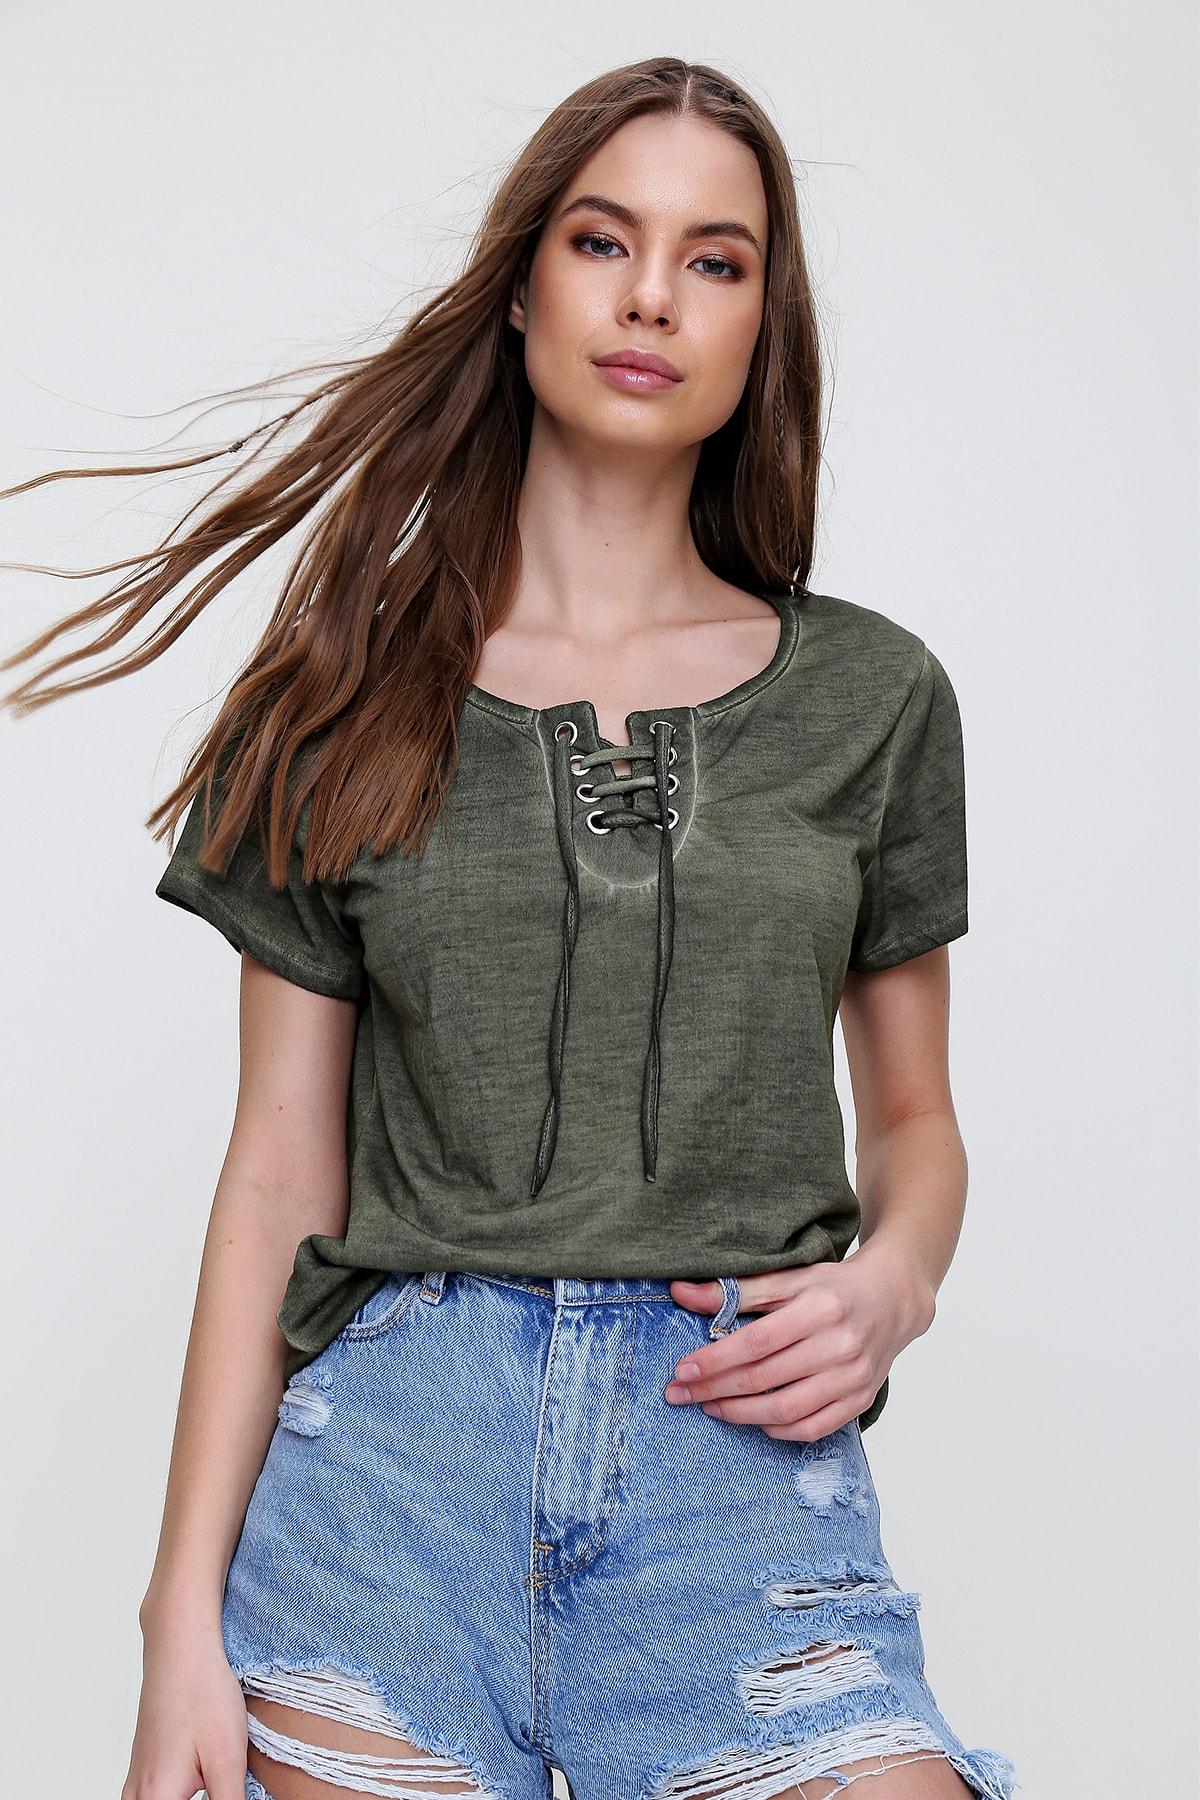 Trend Alaçatı Stili Kadın Haki Kuş Gözlü Yakası Bağcıklı Yıkamalı T-Shirt MDA-1127